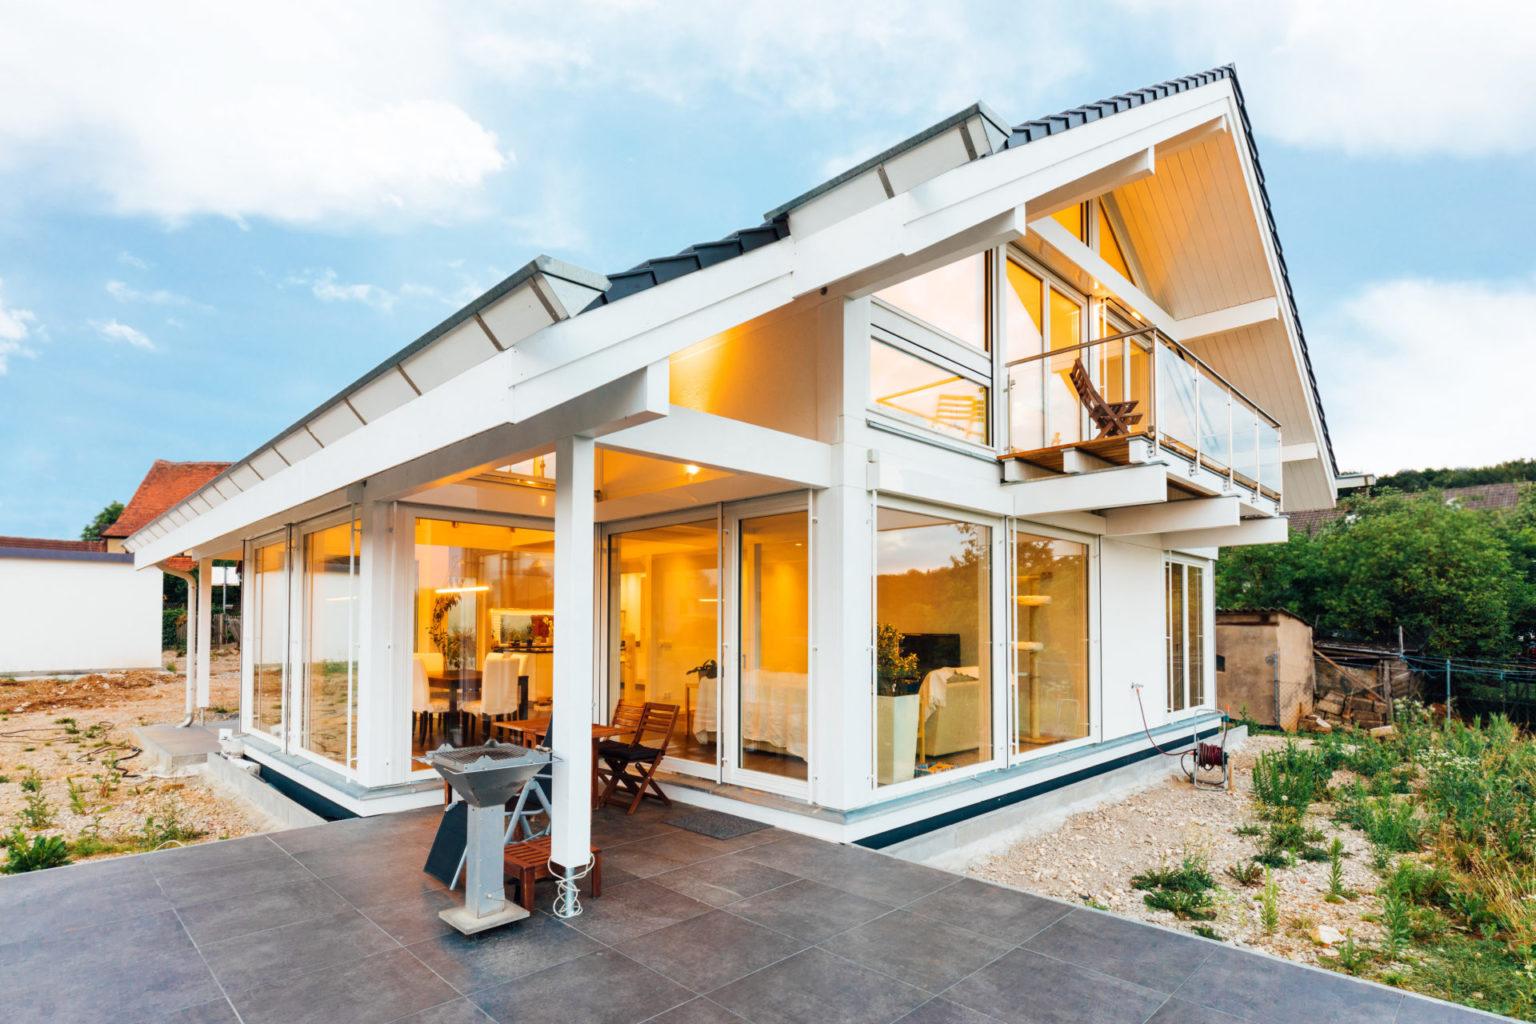 Modernes Fachwerkhaus in weiß mit viel Licht und Raum zum Leben ...